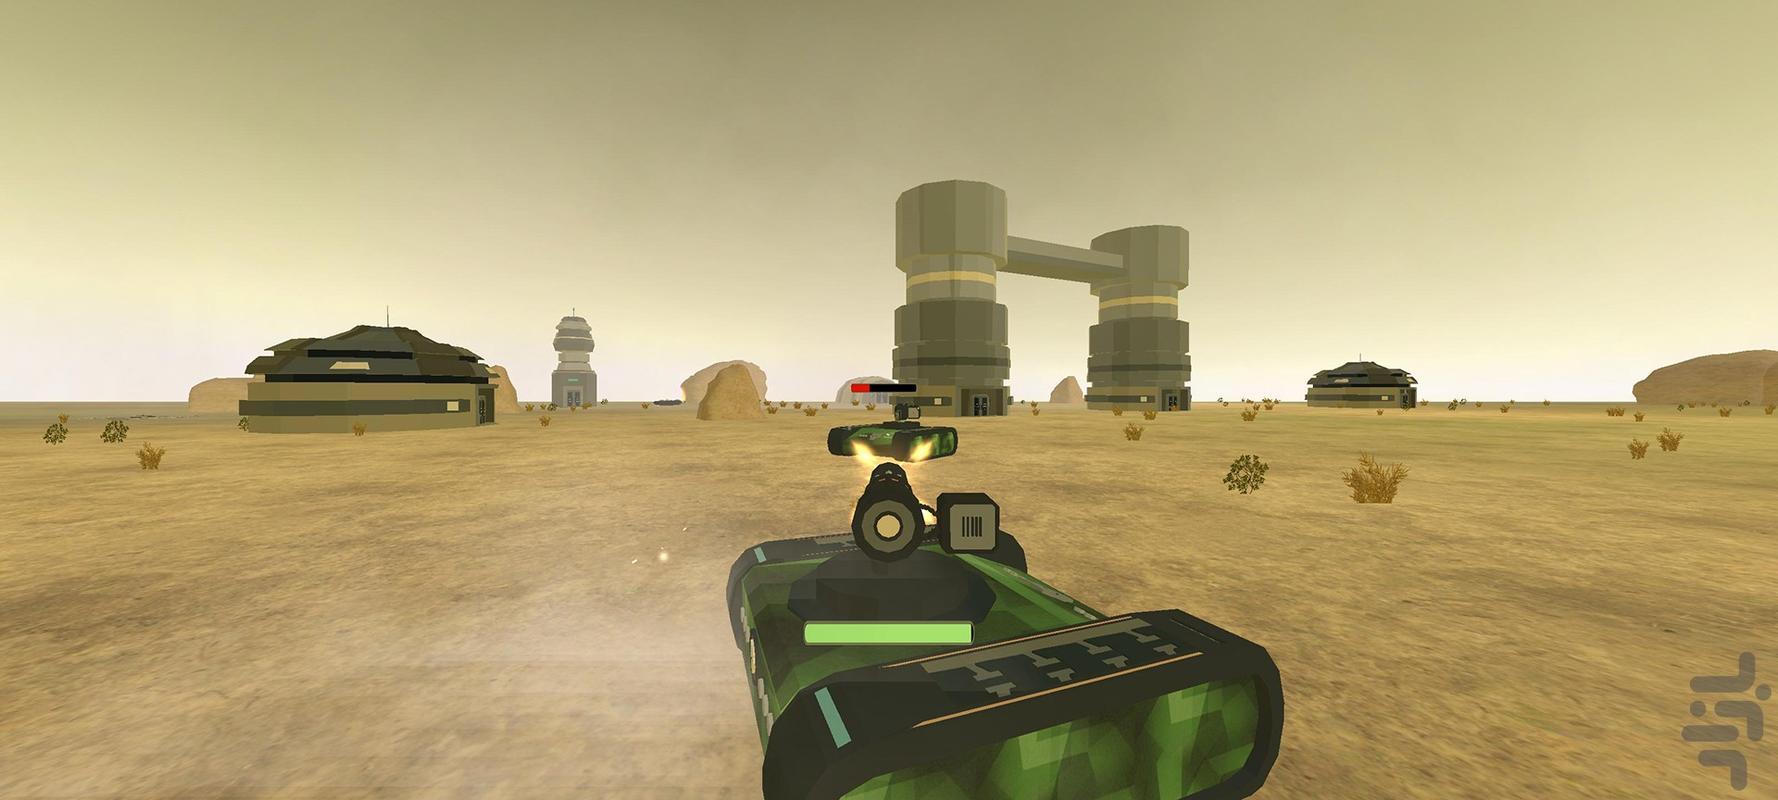 نبرد بی نهایت - عکس بازی موبایلی اندروید